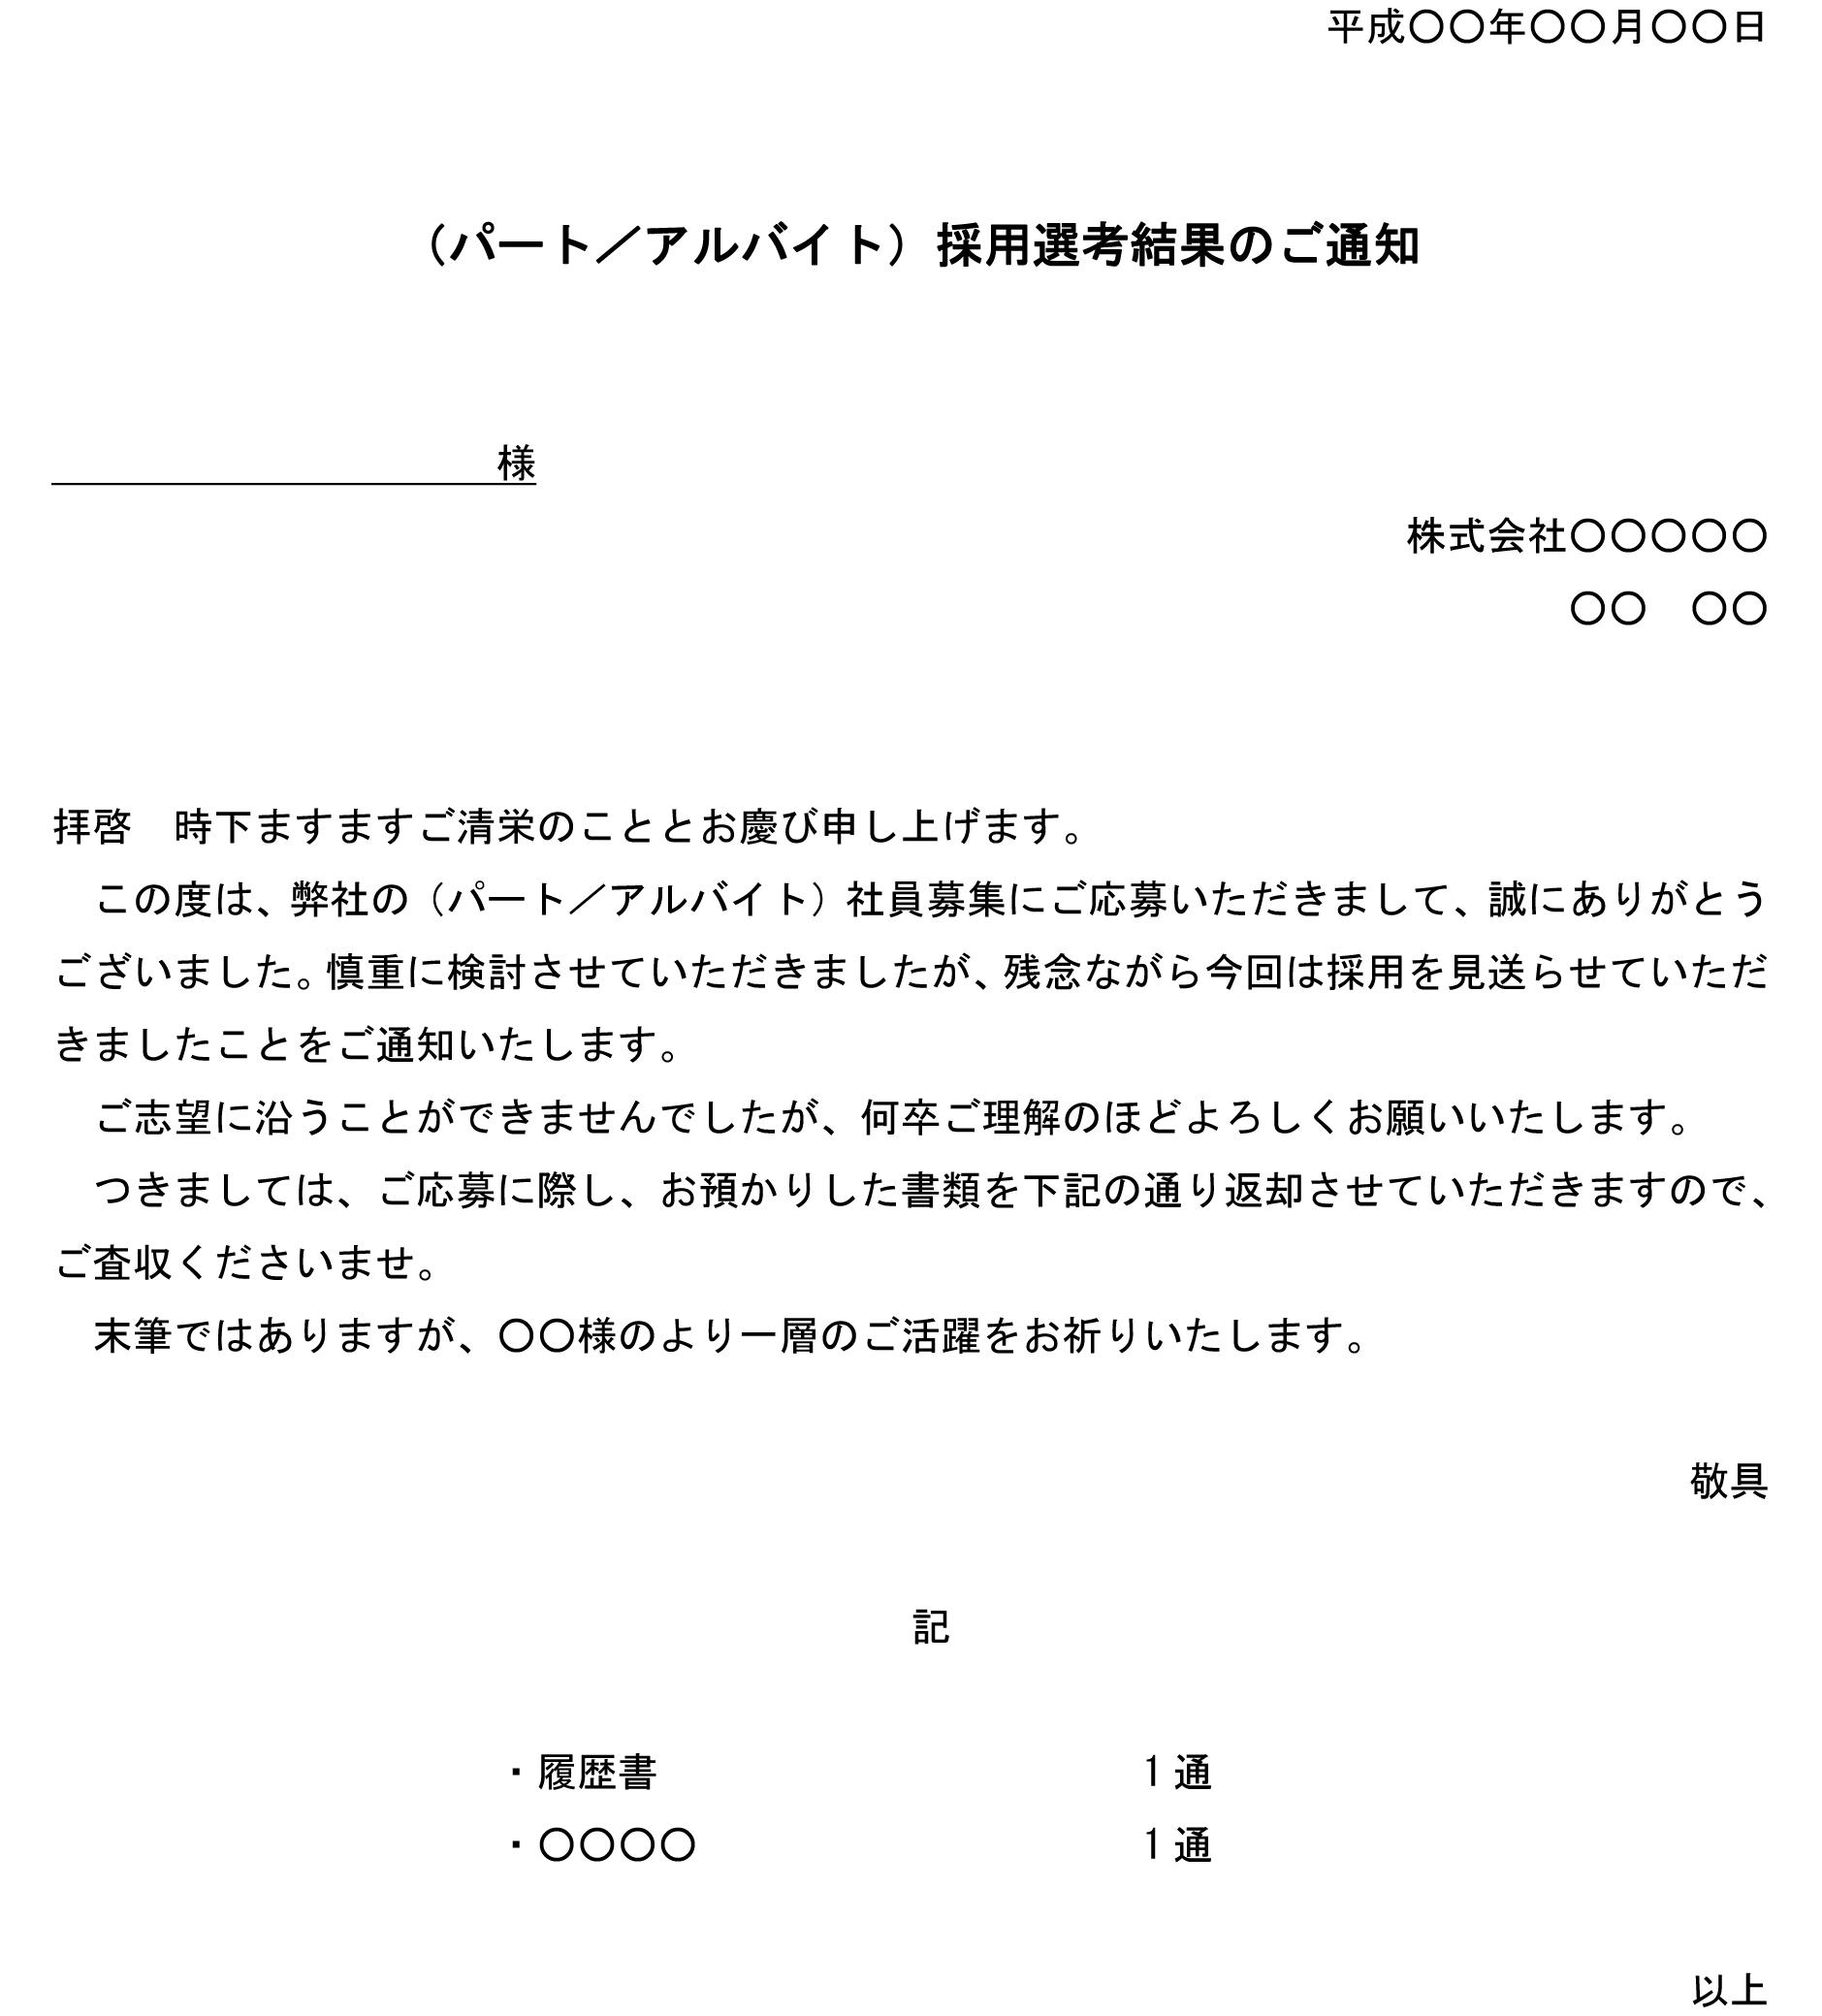 通知(パート/アルバイト採用選考結果)